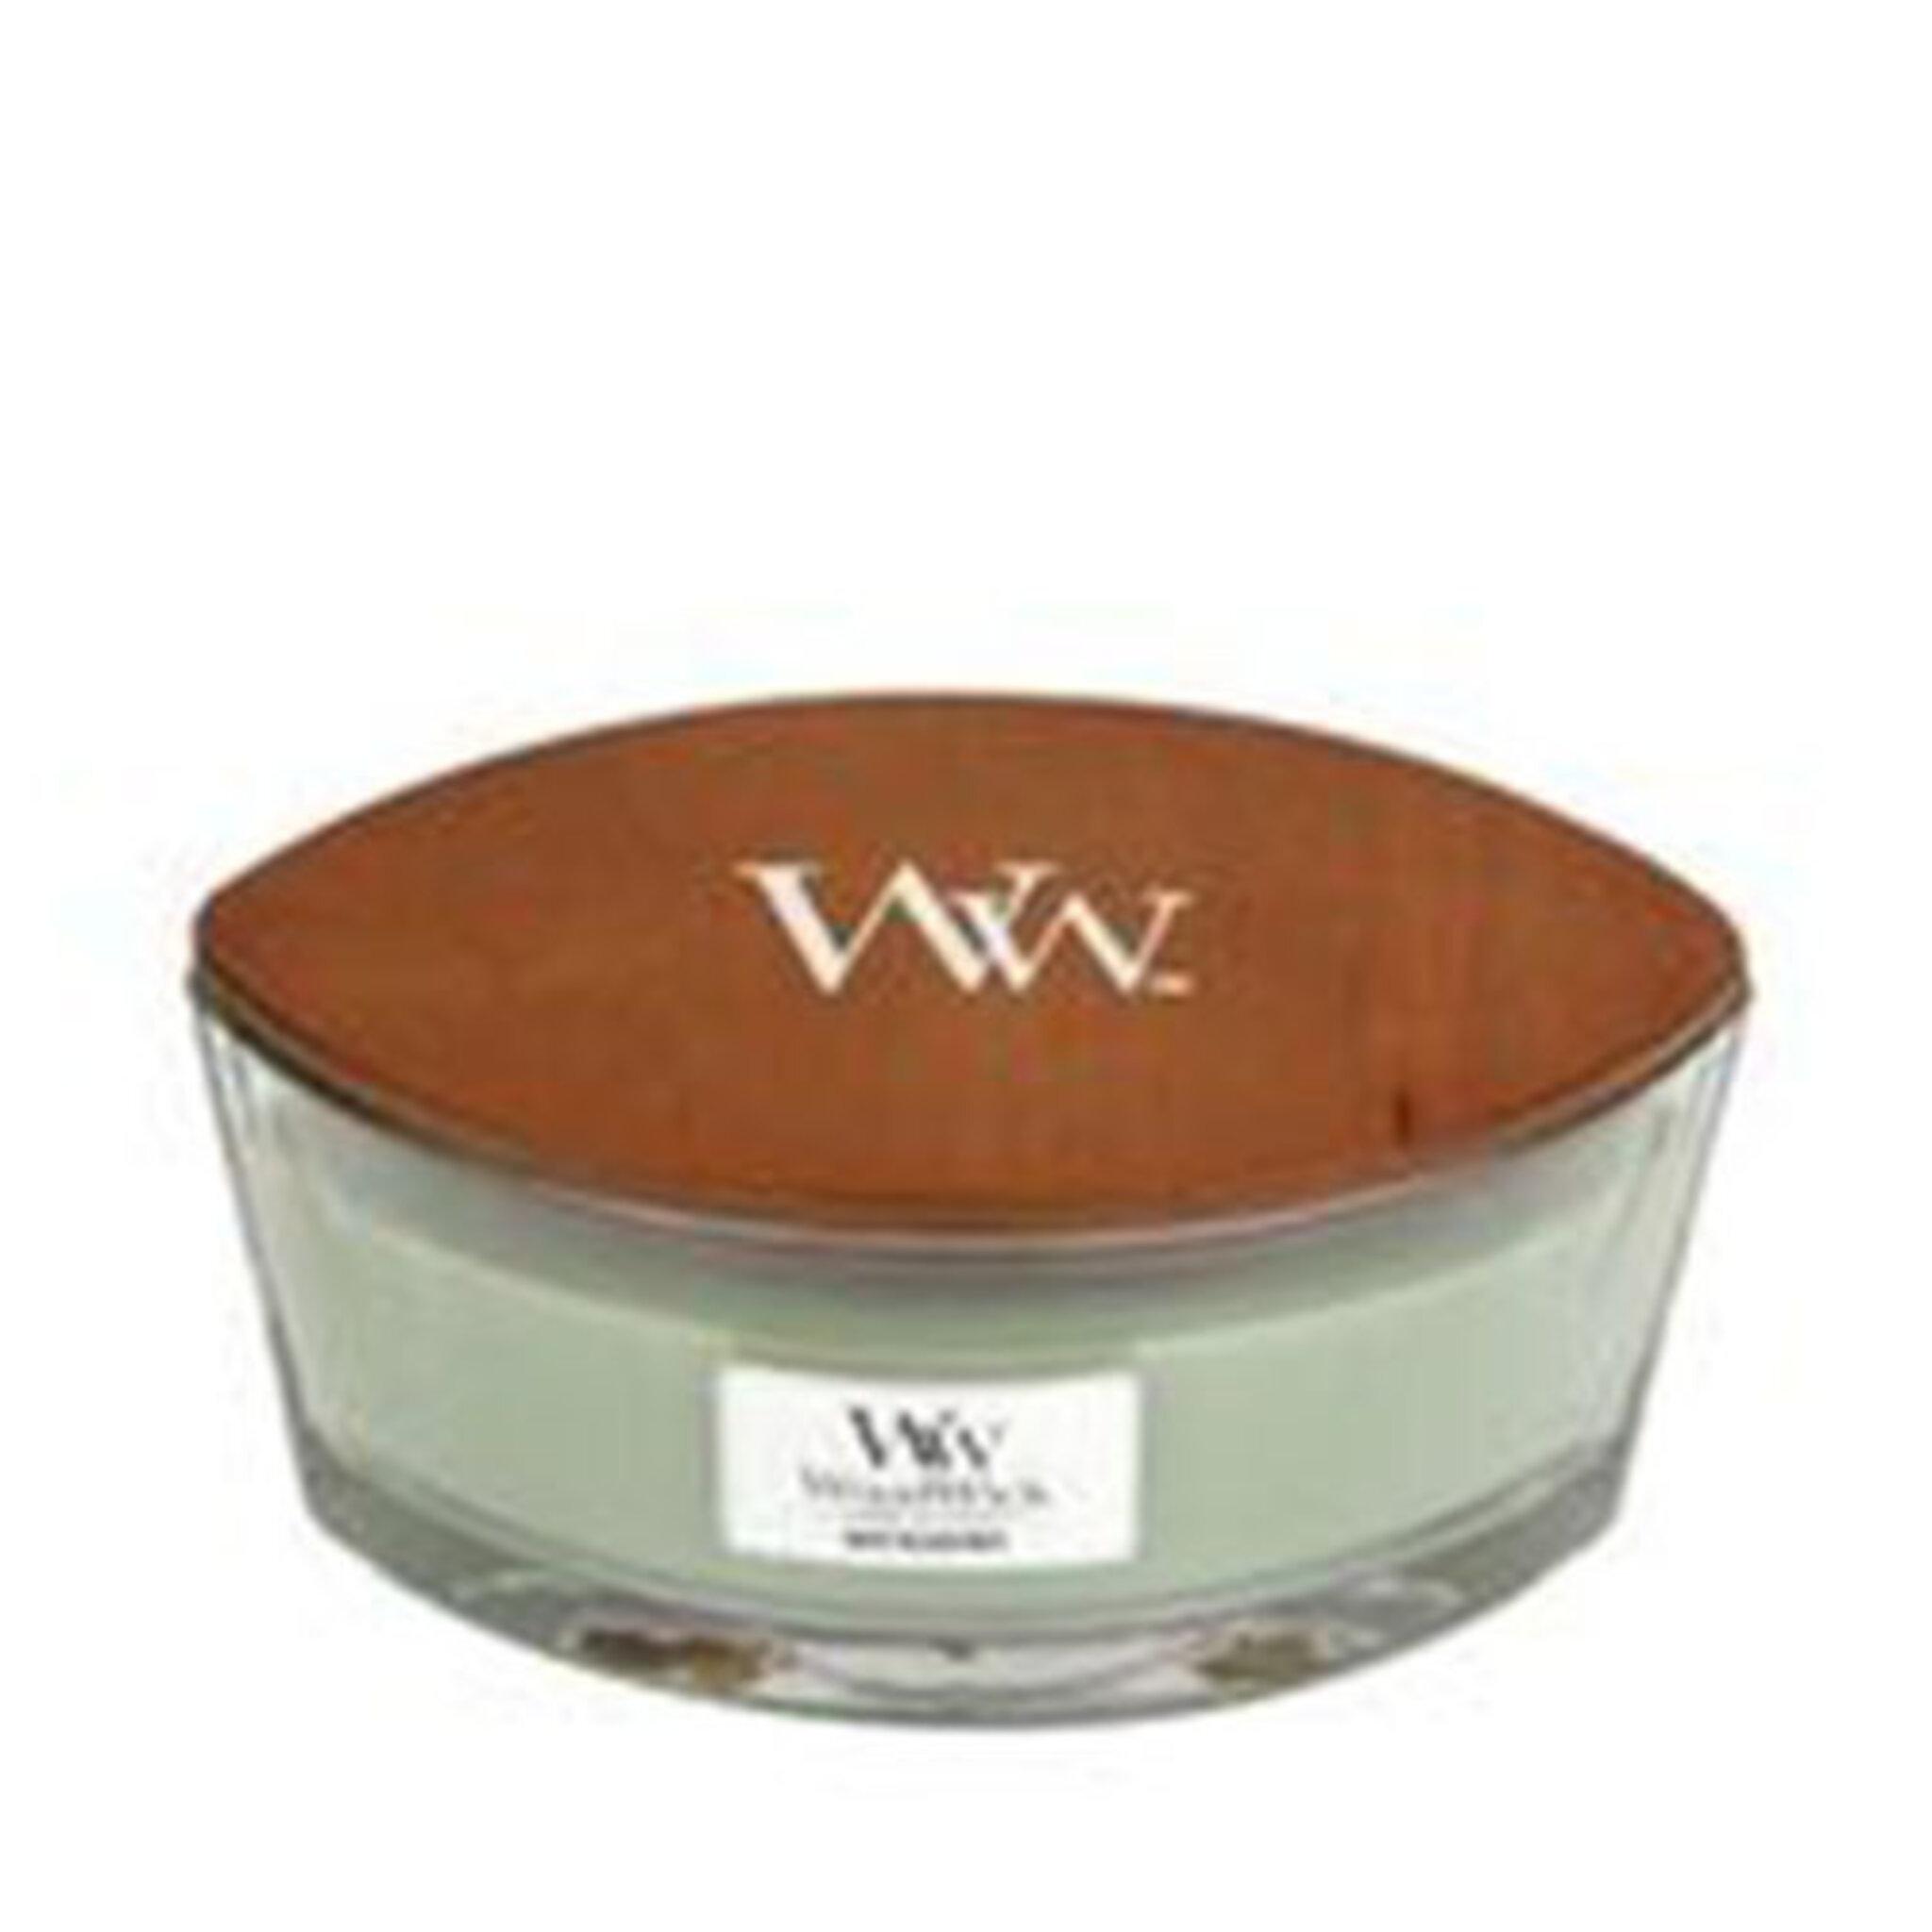 Doftljus, White Willow Moss, Ellipse